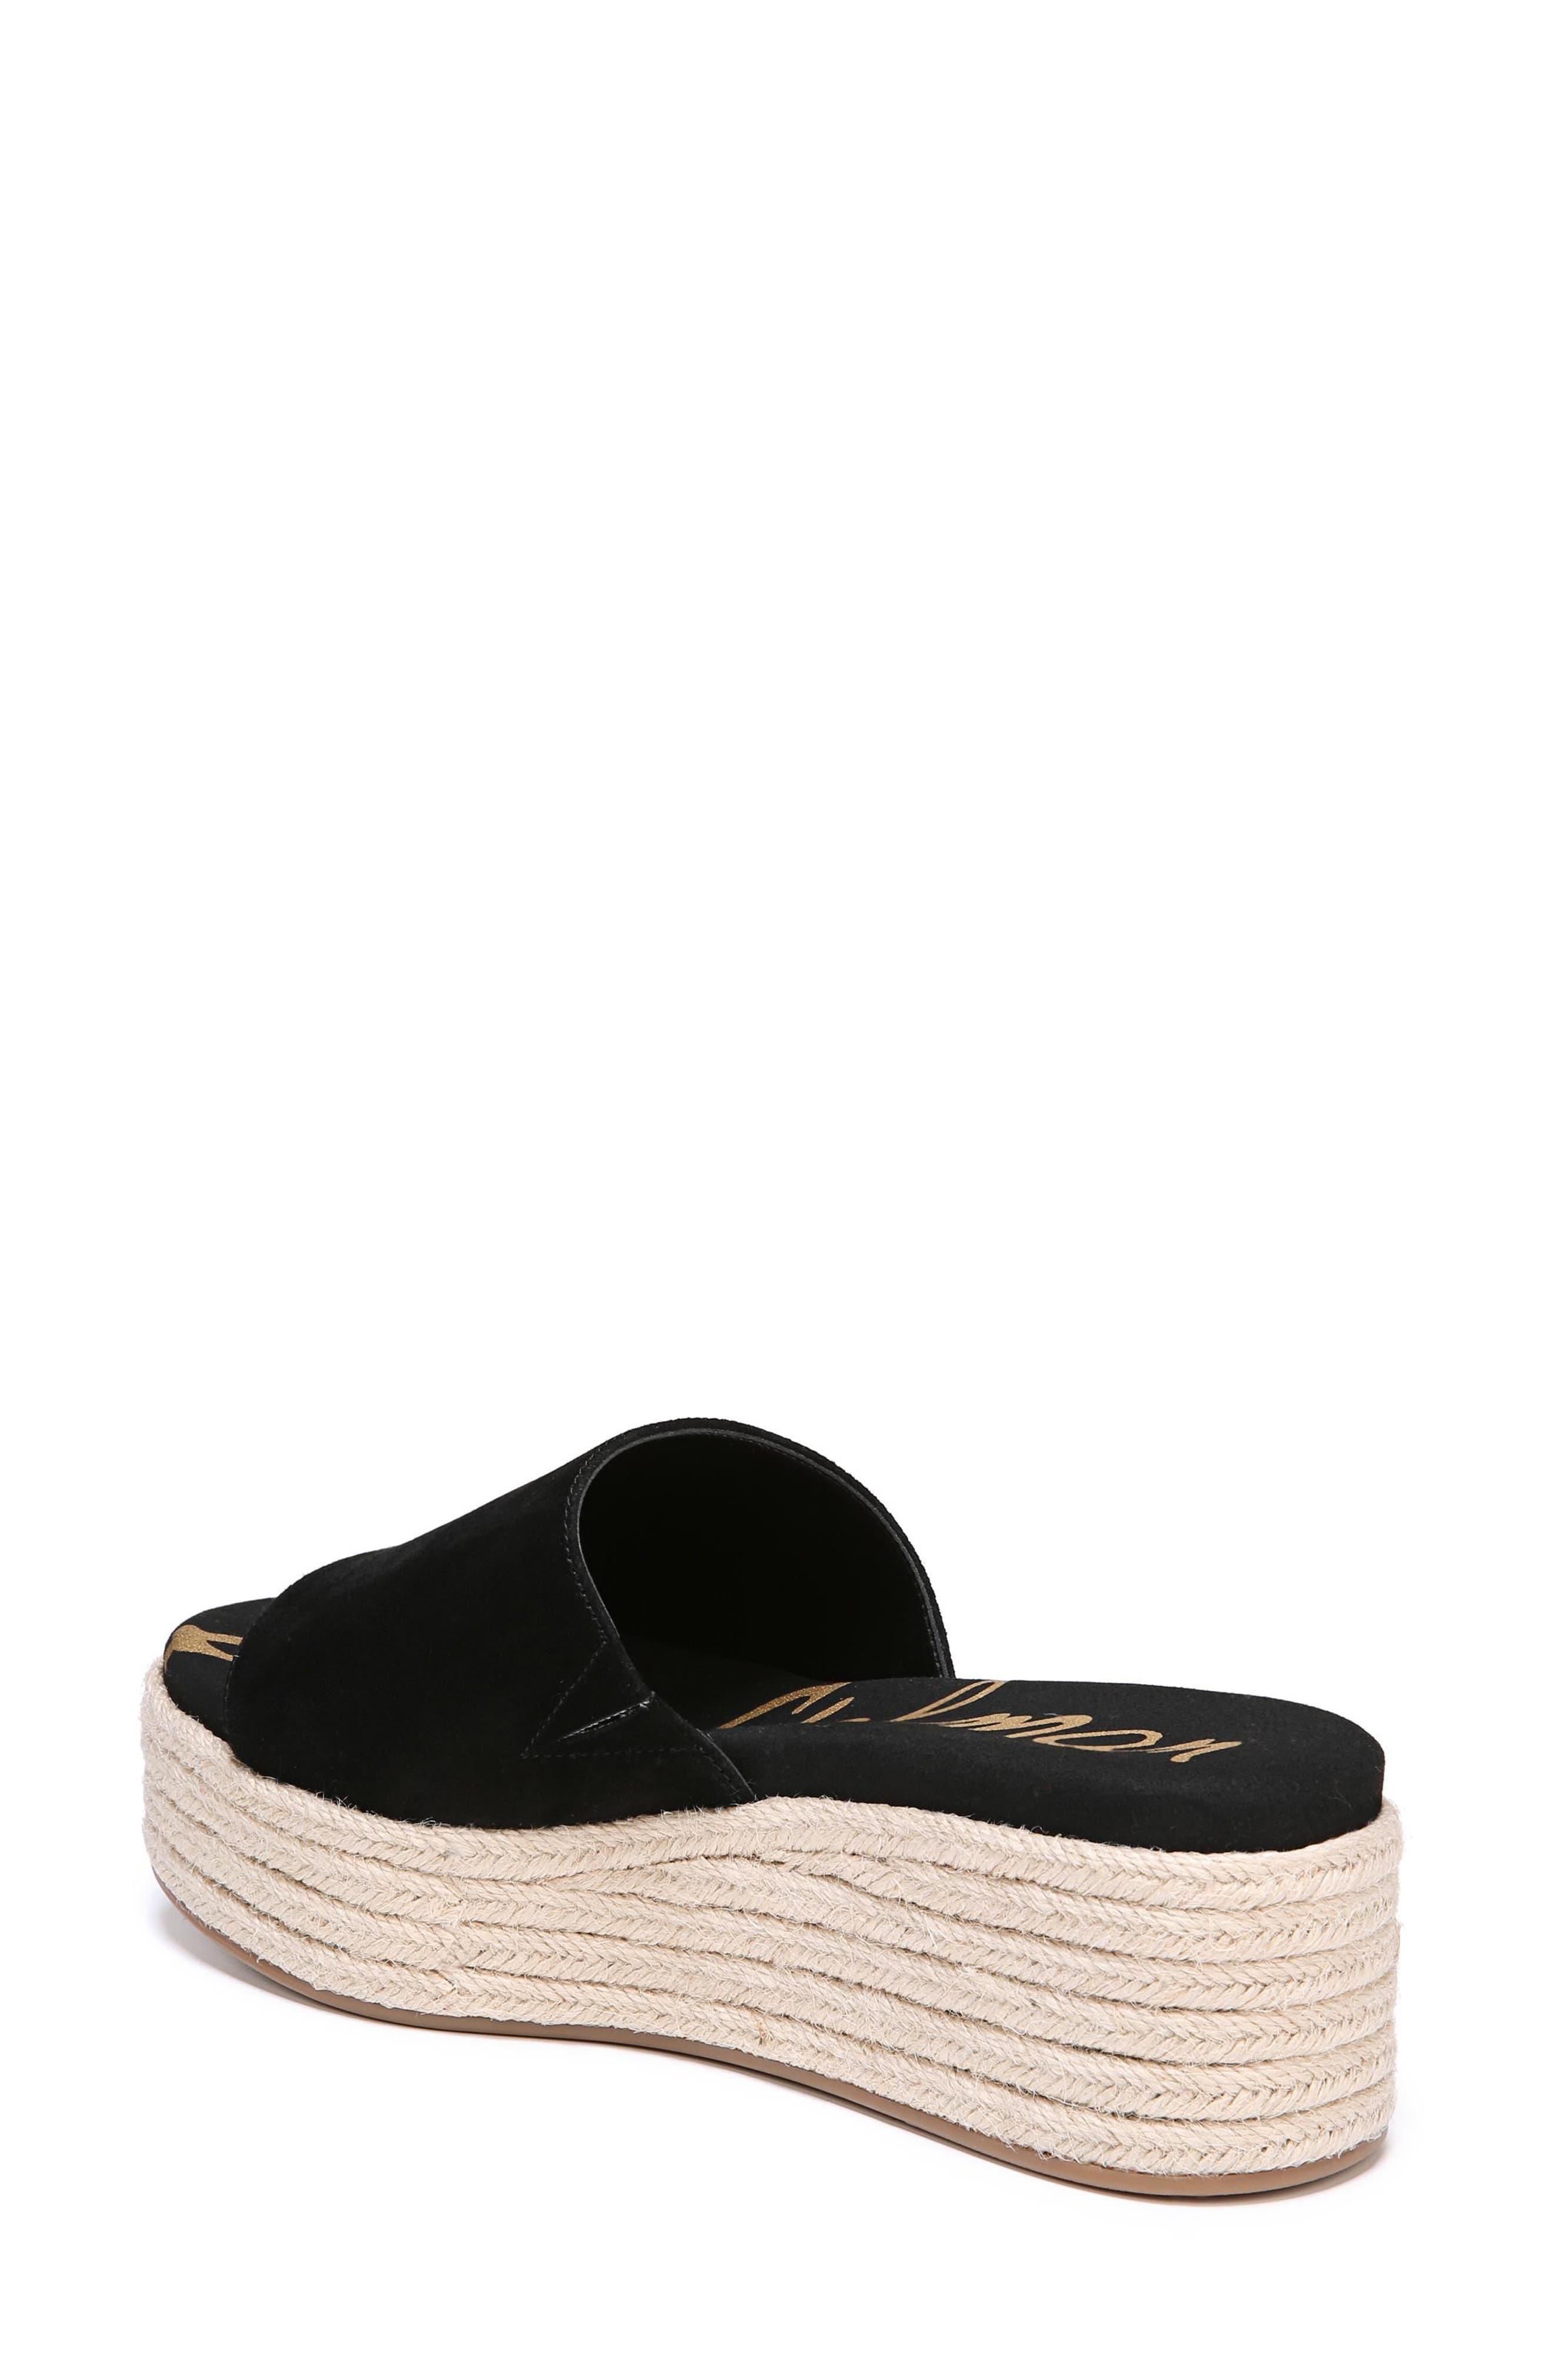 Weslee Platform Slide Sandal,                             Alternate thumbnail 2, color,                             BLACK SUEDE